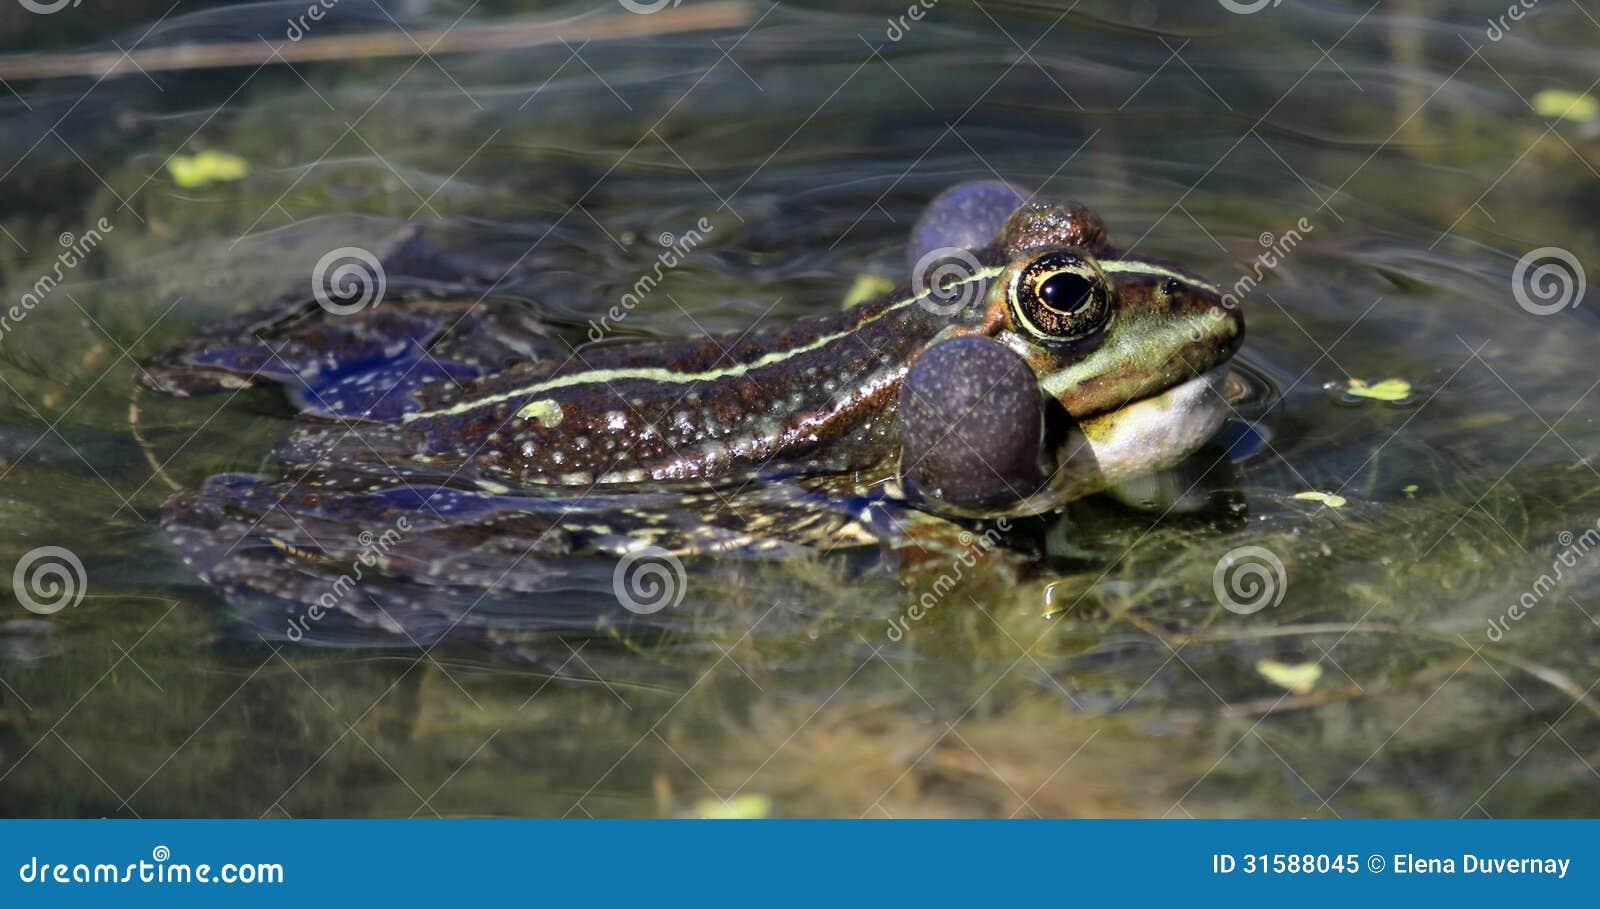 青蛙游泳在池塘和呱呱地叫以便在它的头附近有两泡影.图片